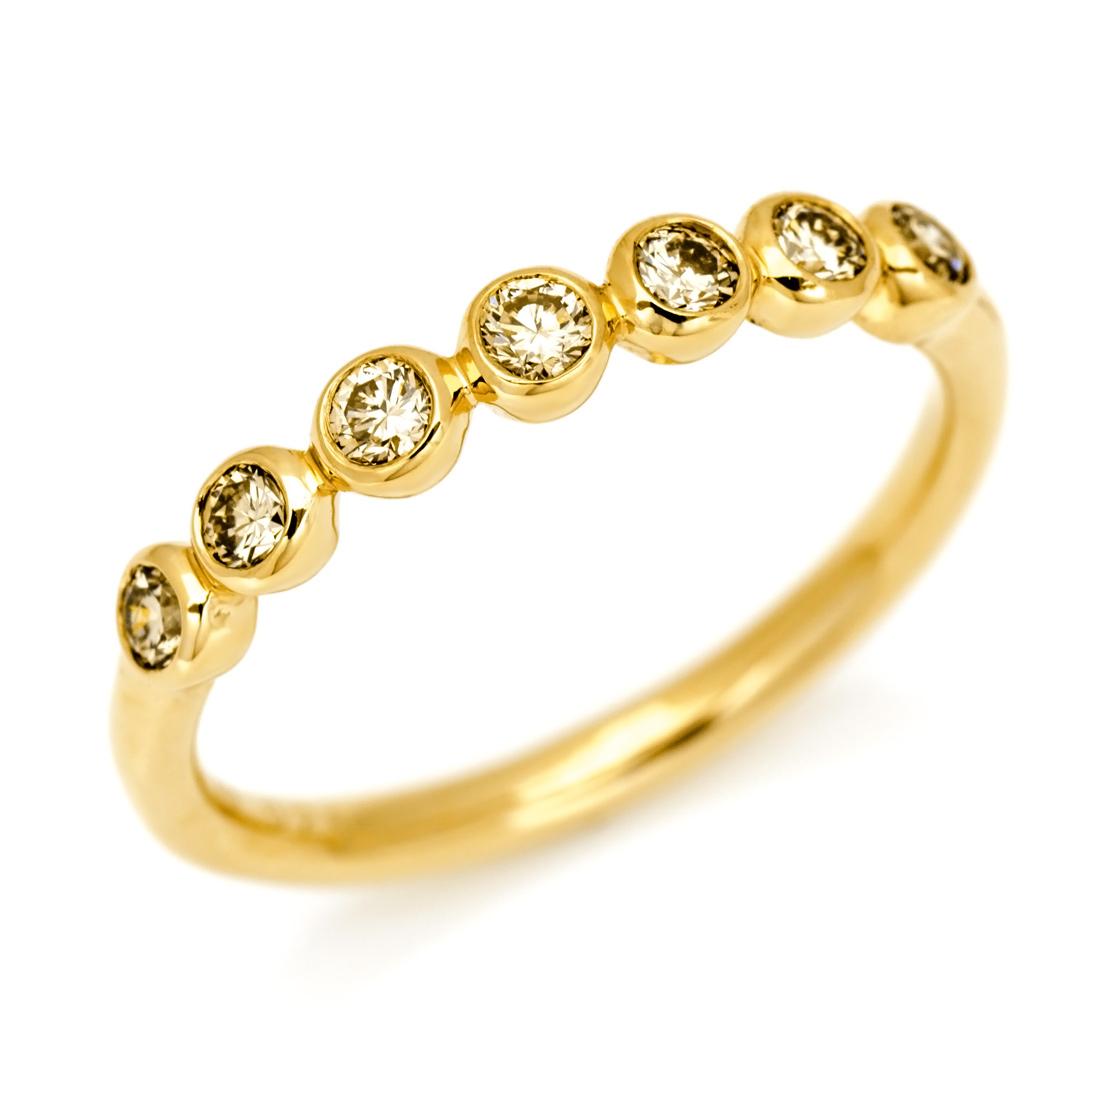 【GWクーポン配布中】K18 ブラウンダイヤモンド リング 「ponte」送料無料 指輪 ダイアモンド ゴールド 18K 18金 誕生日 4月誕生石 刻印 文字入れ メッセージ ギフト 贈り物 ピンキーリング対応可能